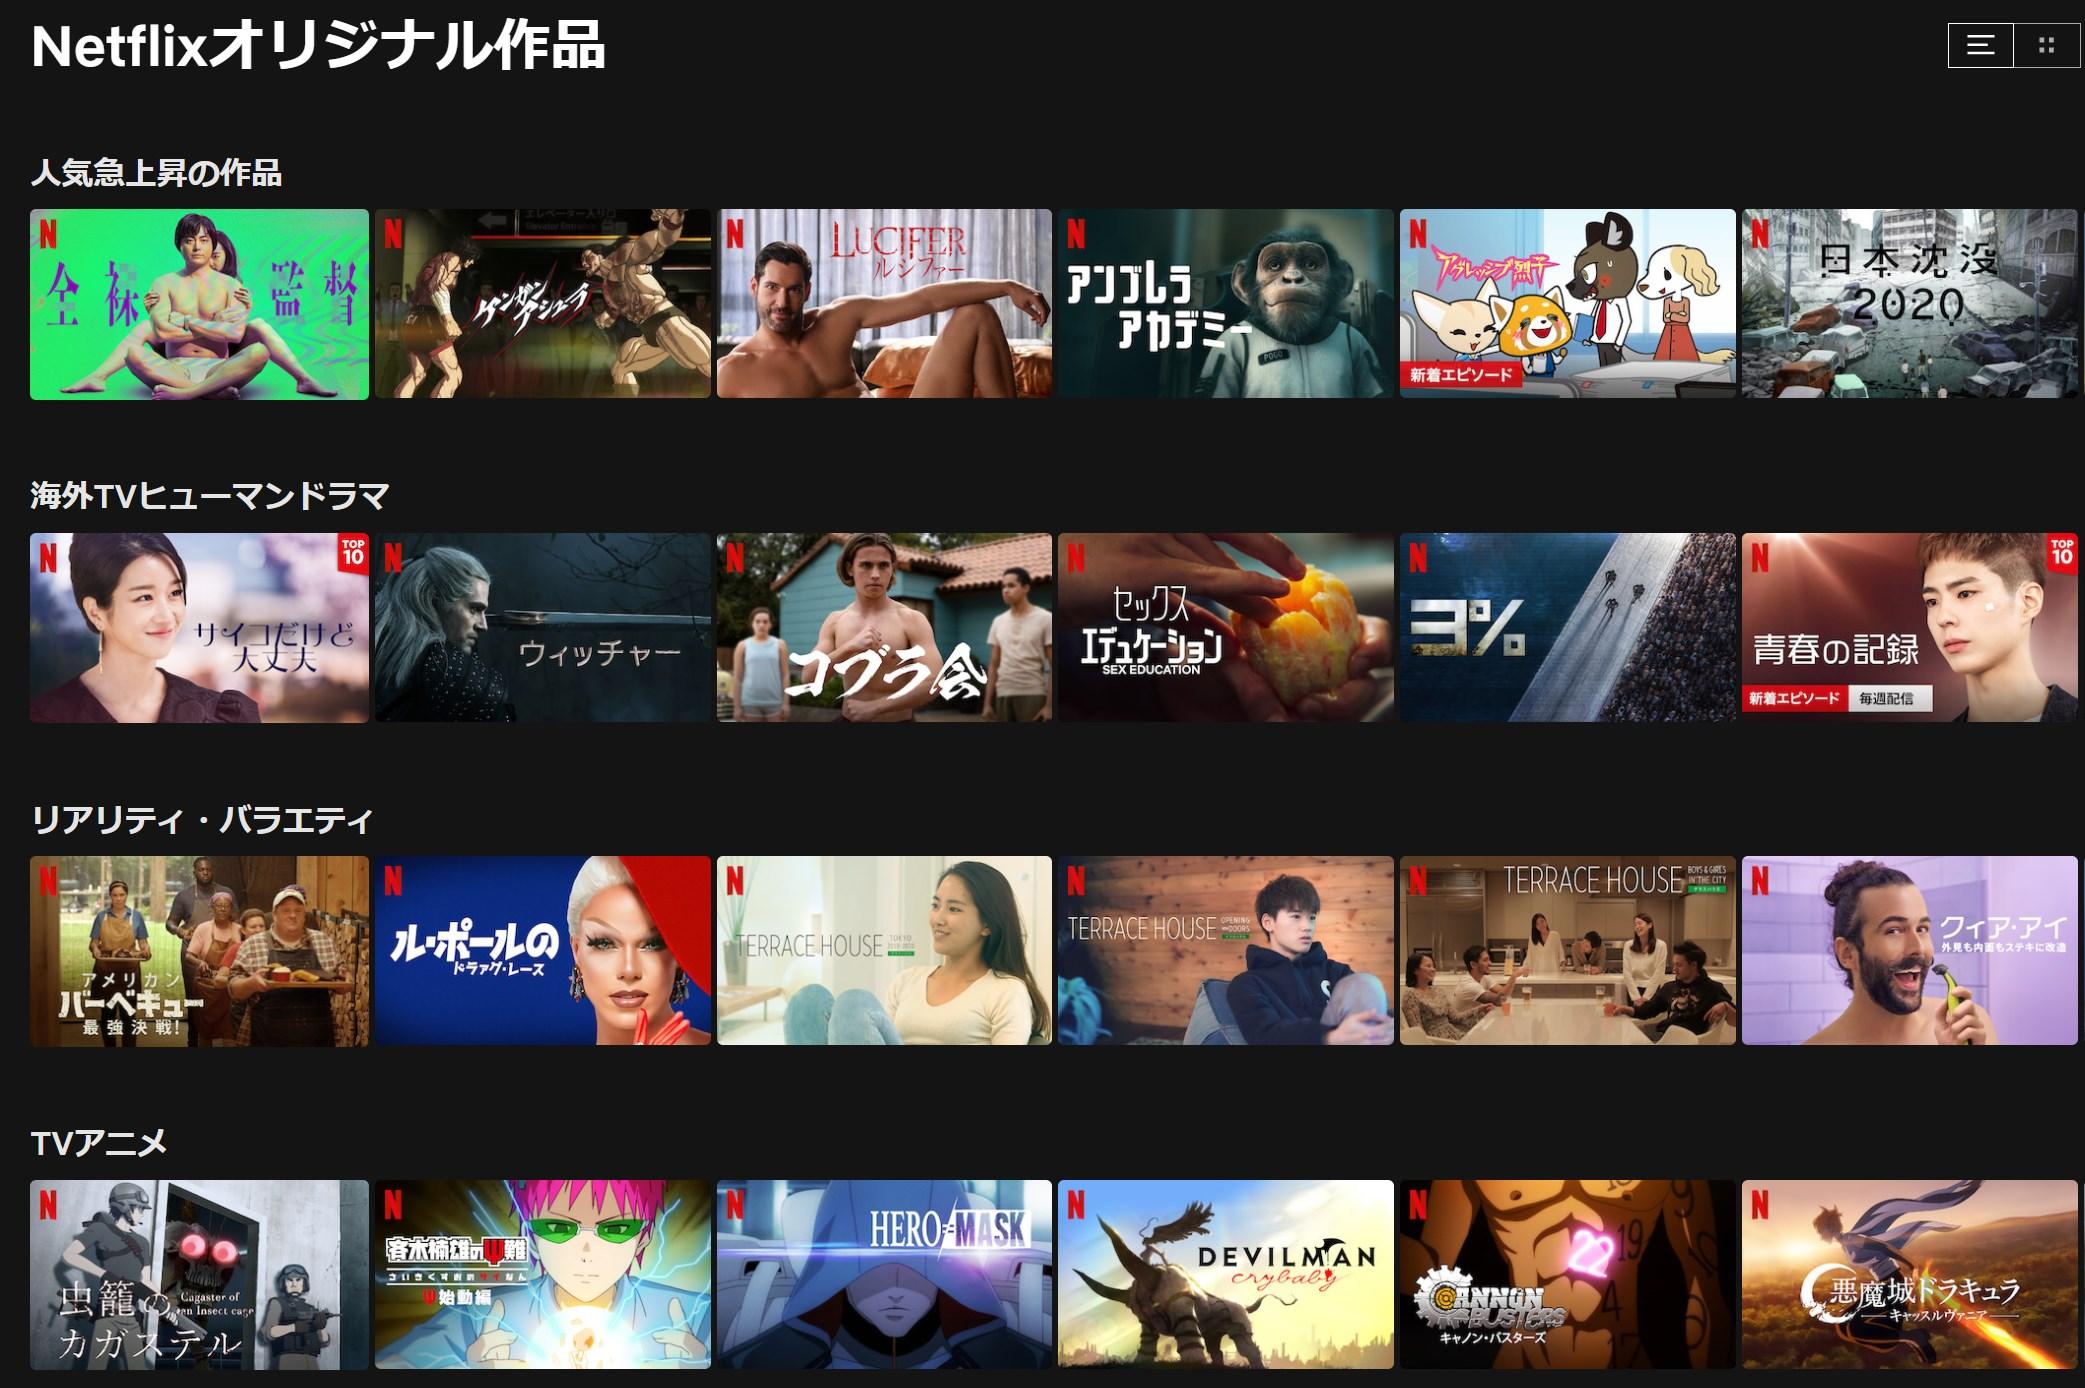 Netflixオリジナル作品